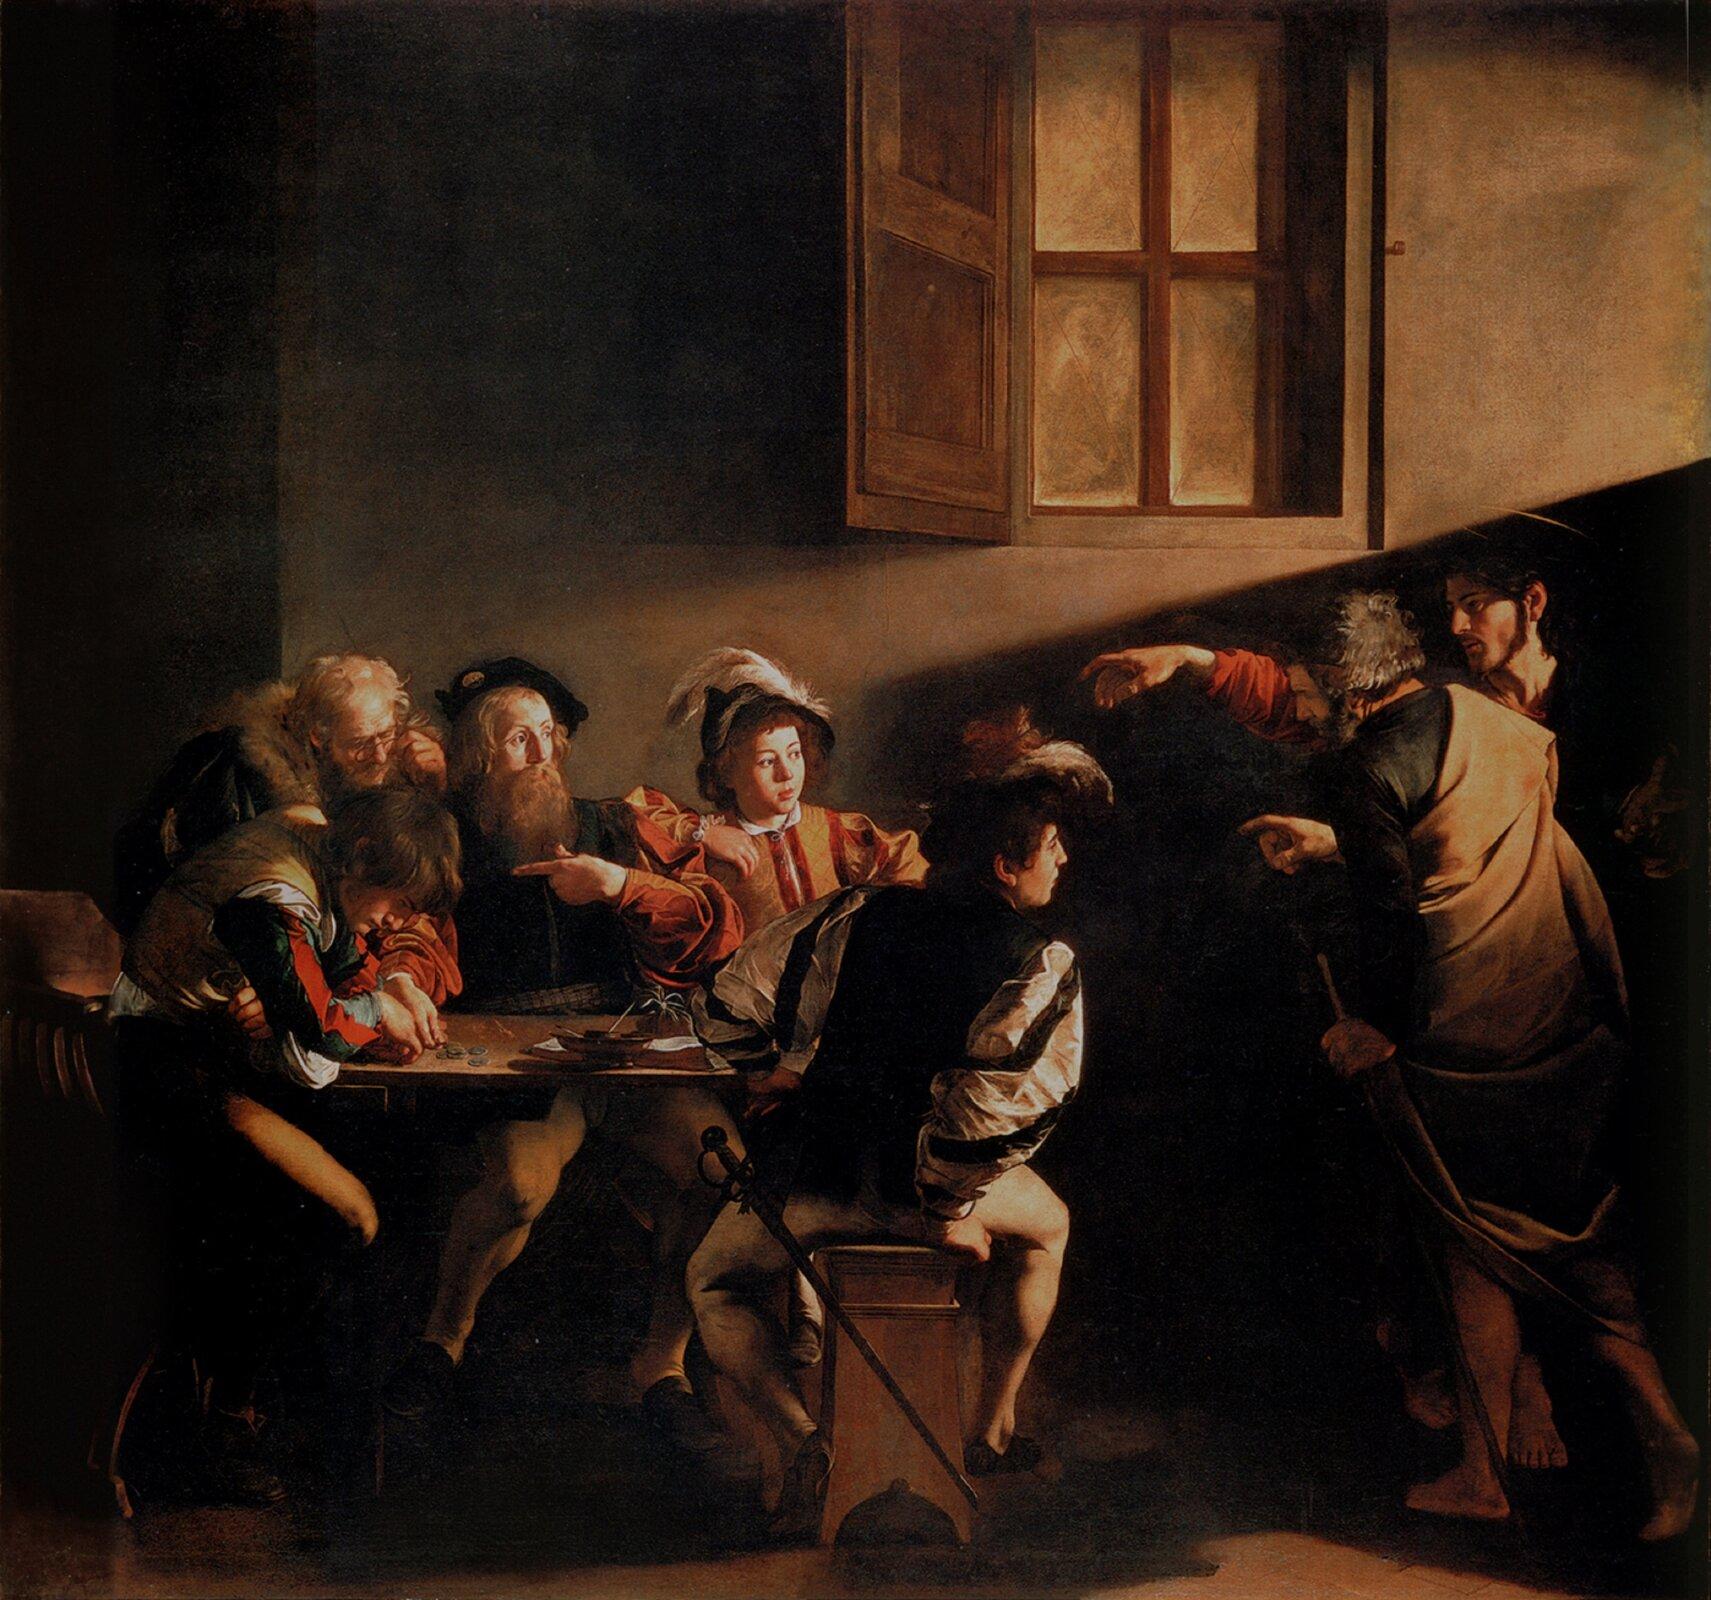 """Ilustracja przedstawia obraz Caravaggia """"Powołanie św. Mateusza"""". Scena ukazuje poborcę podatkowego Mateusza, siedzącego za stołem wraz zgrupą osób. Do piwnicznego wnętrza wchodzi Jezus wtowarzystwie świętego Piotra. Obydwaj wyciągają ręce wtym samym geście, wskazując na Mateusza. Mateusz jest zaskoczony, wskazuje palcem na swoją pierś. Dwaj starsi celnicy zajęci są liczeniem pieniędzy. Młodsi, siedzący po prawej stronie patrzą wstronę Jezusa. Nad Chrystusem iPiotrem przebiega słup światła ipada wstronę Mateusza. Na tle jasnej plamy światła znajduje się okno zotwartą okiennicą."""